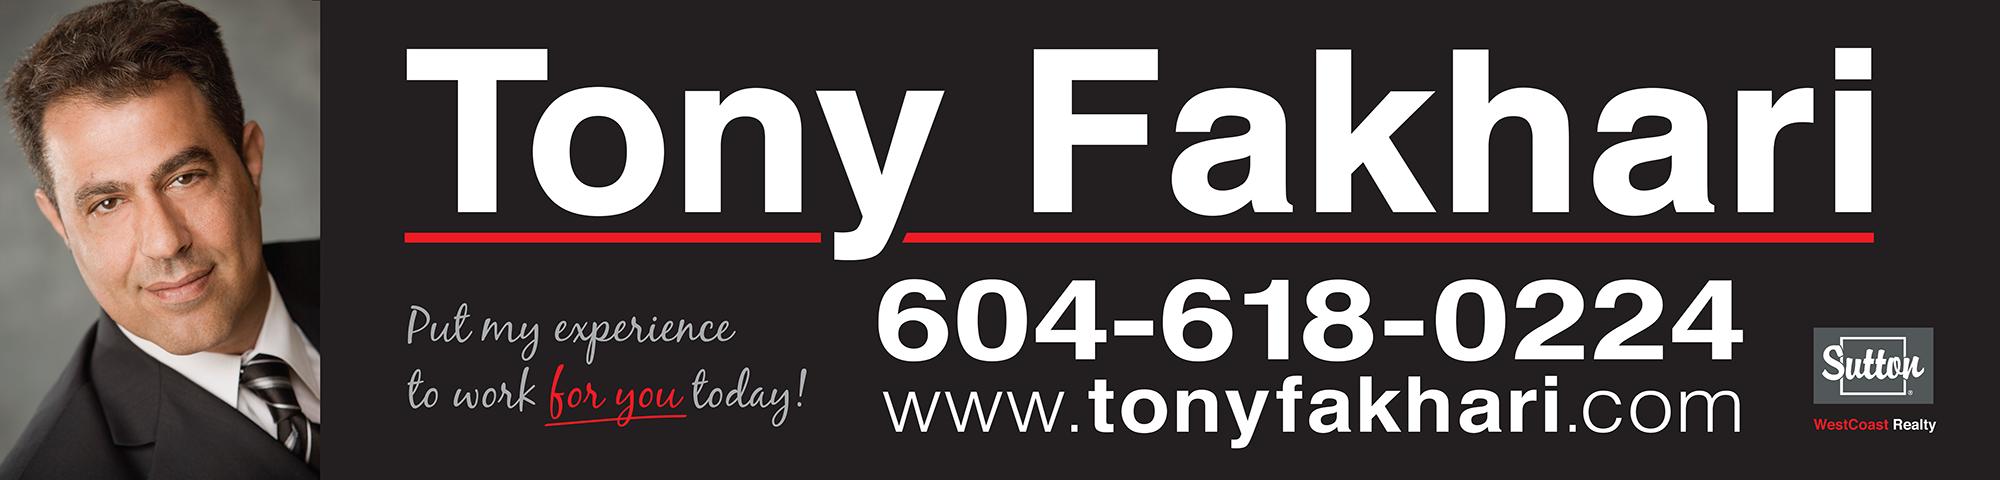 Tony Fakhari